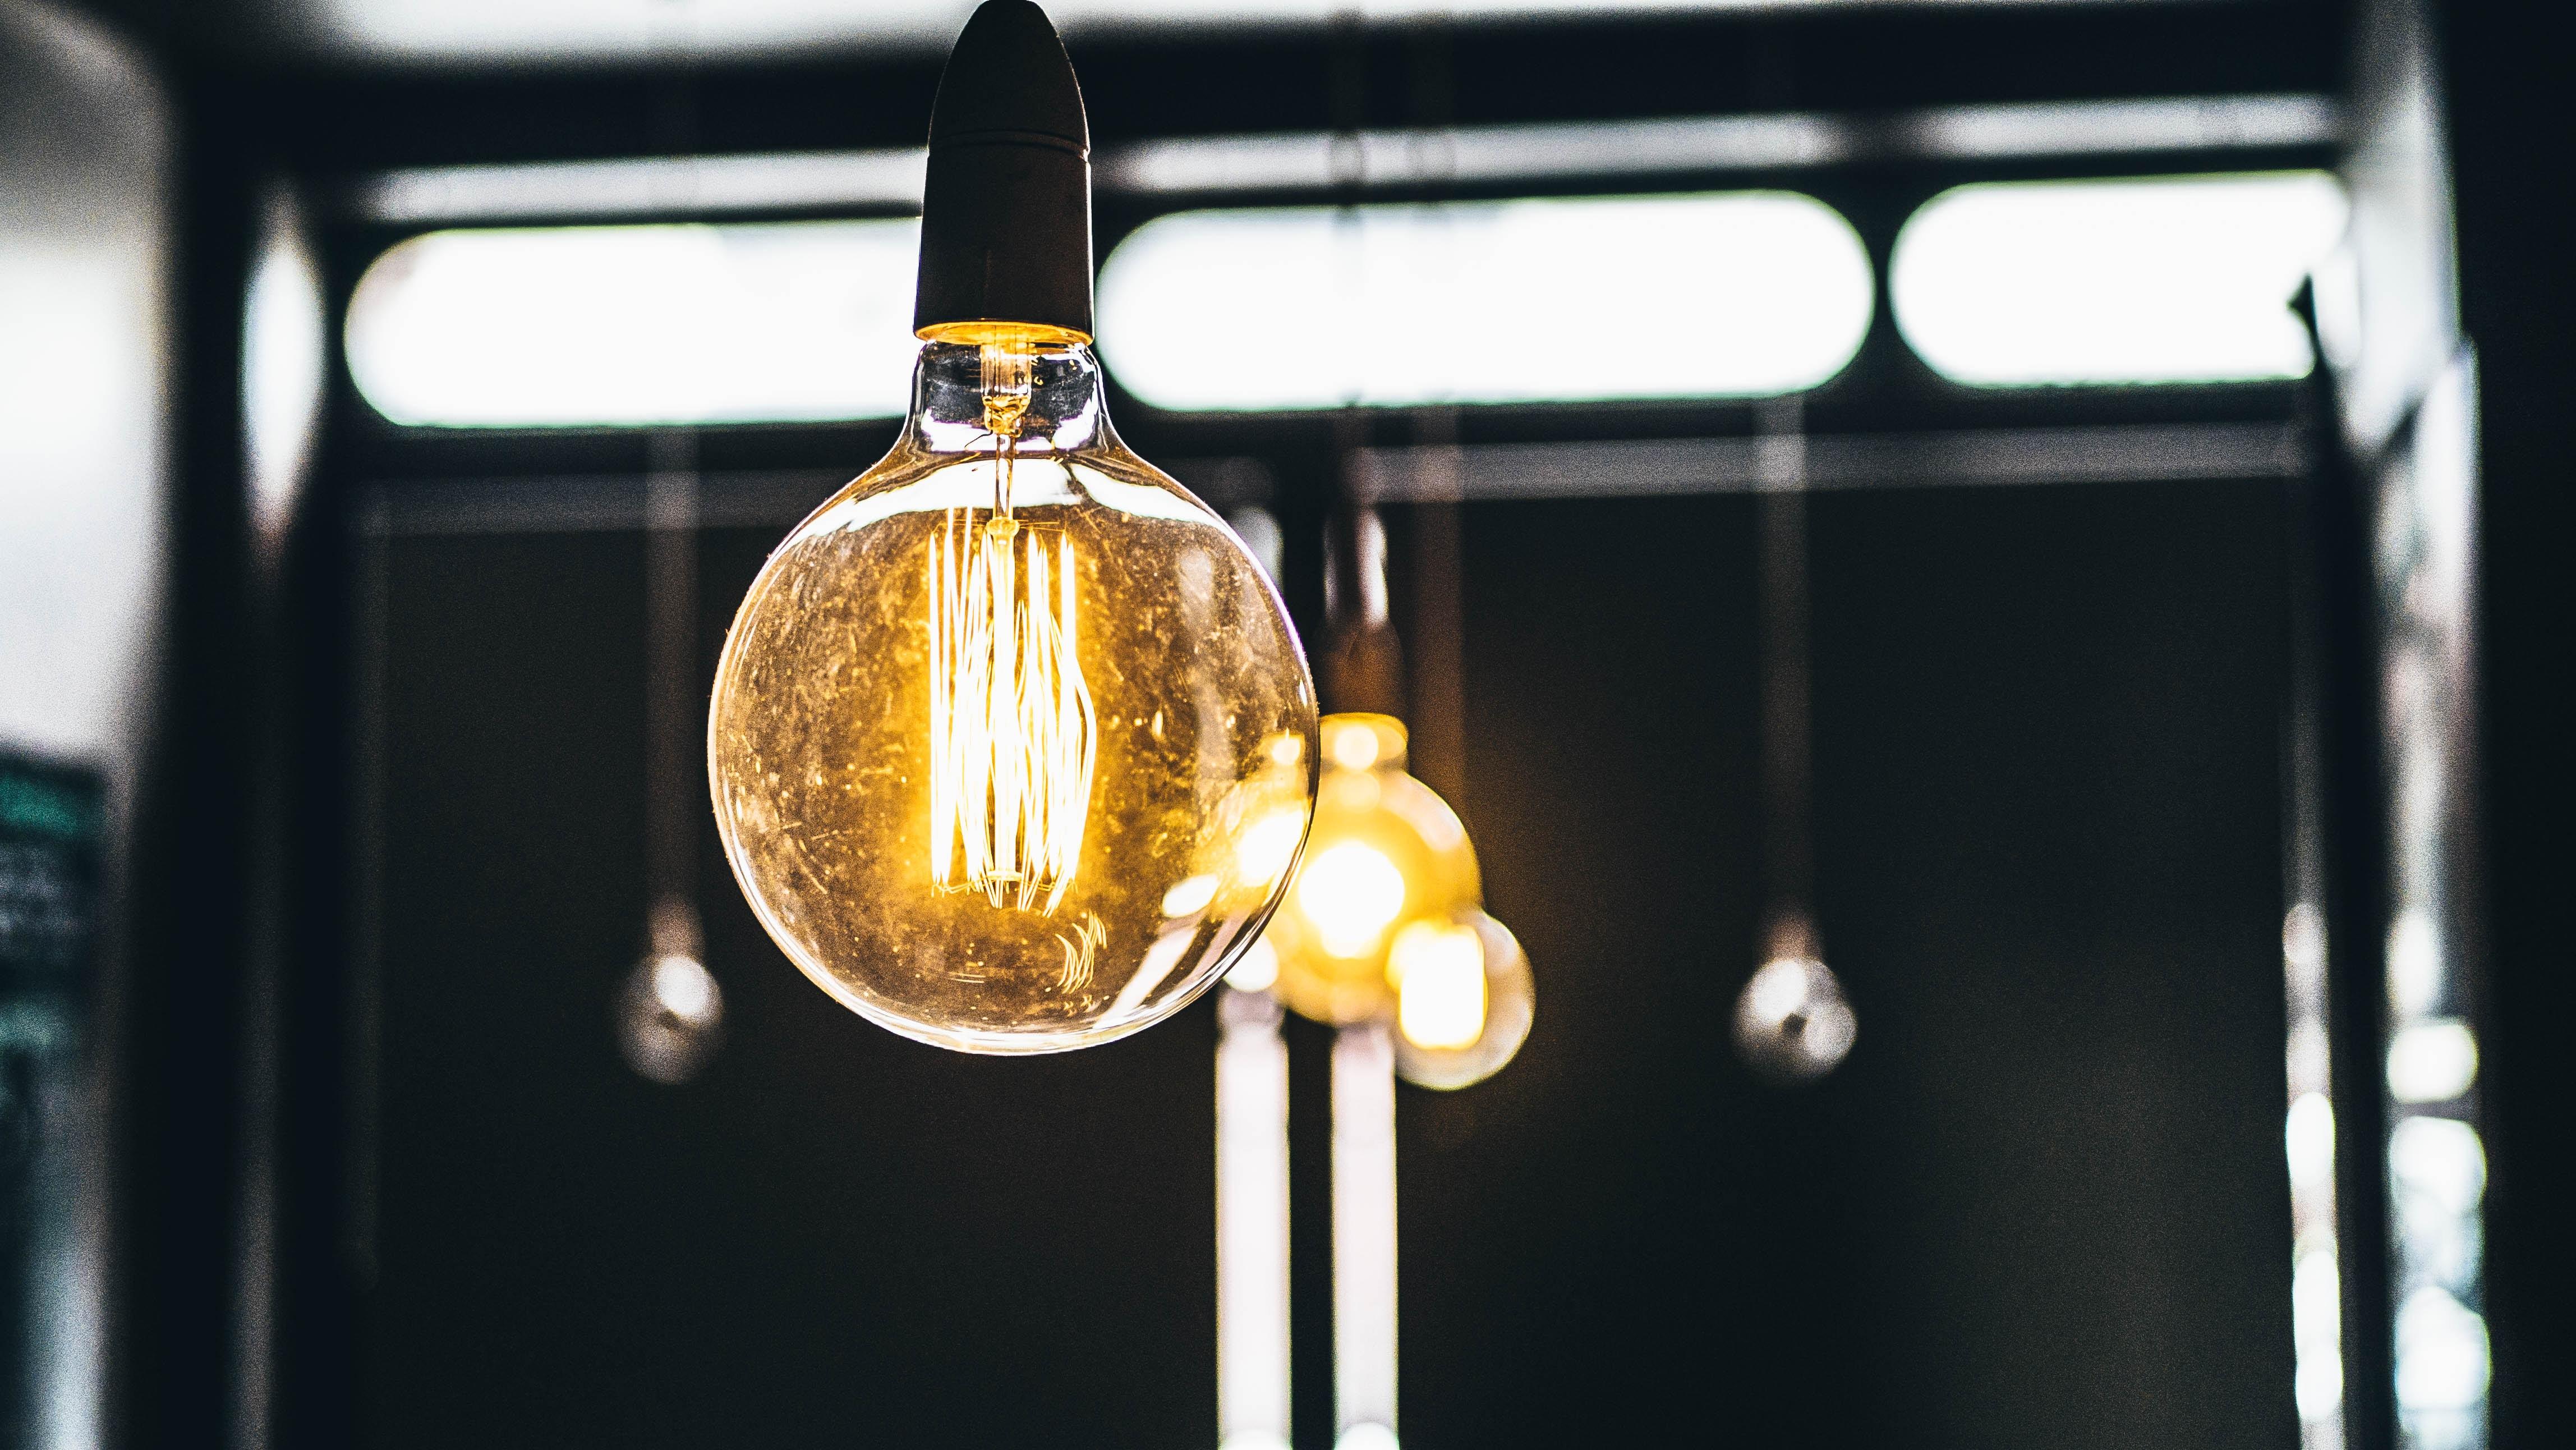 Fabriquer une lampe potence - Le guide de Mon Magasin Général